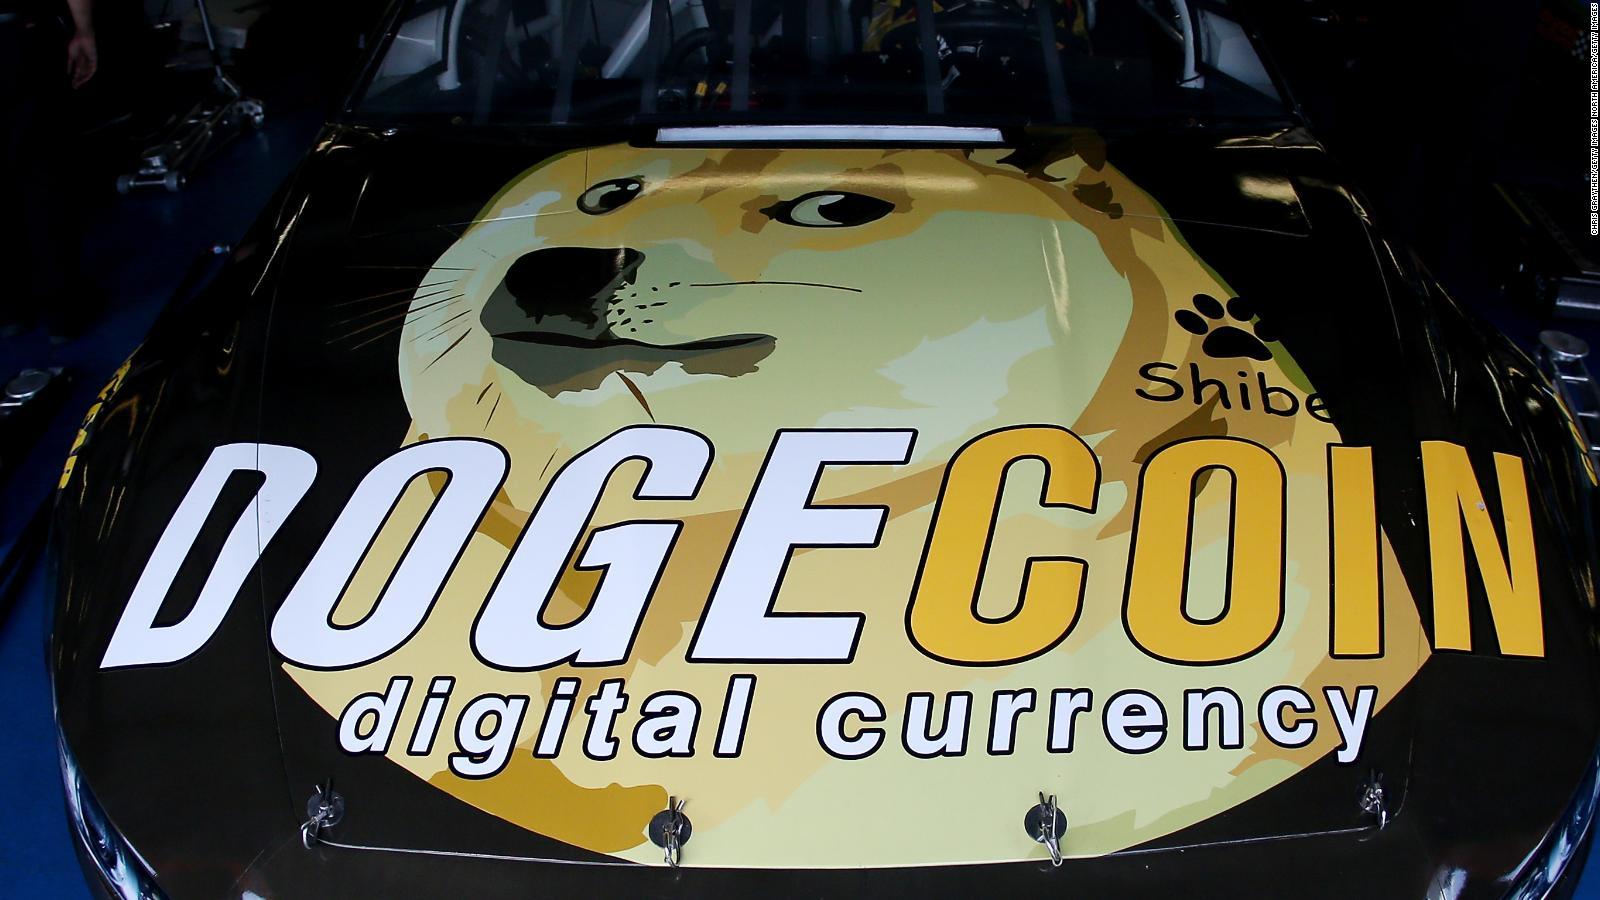 Fanáticos de criptomoneda Dogecoin celebran el 'DogeDay' el 20 de abril   Video   CNN